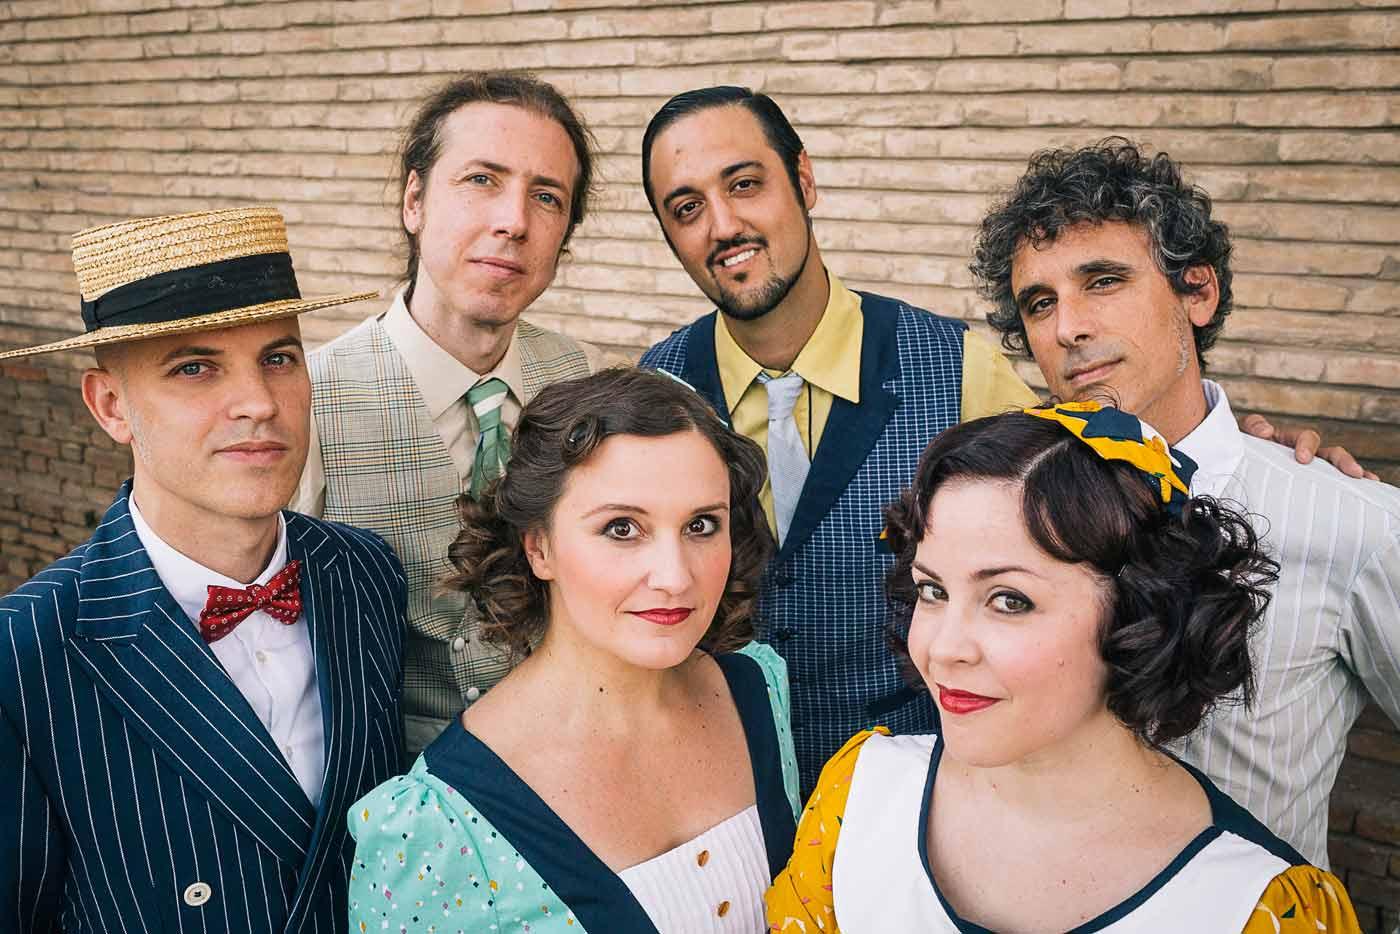 La banda de swing O Sister! presenta su nuevo disco en Santander